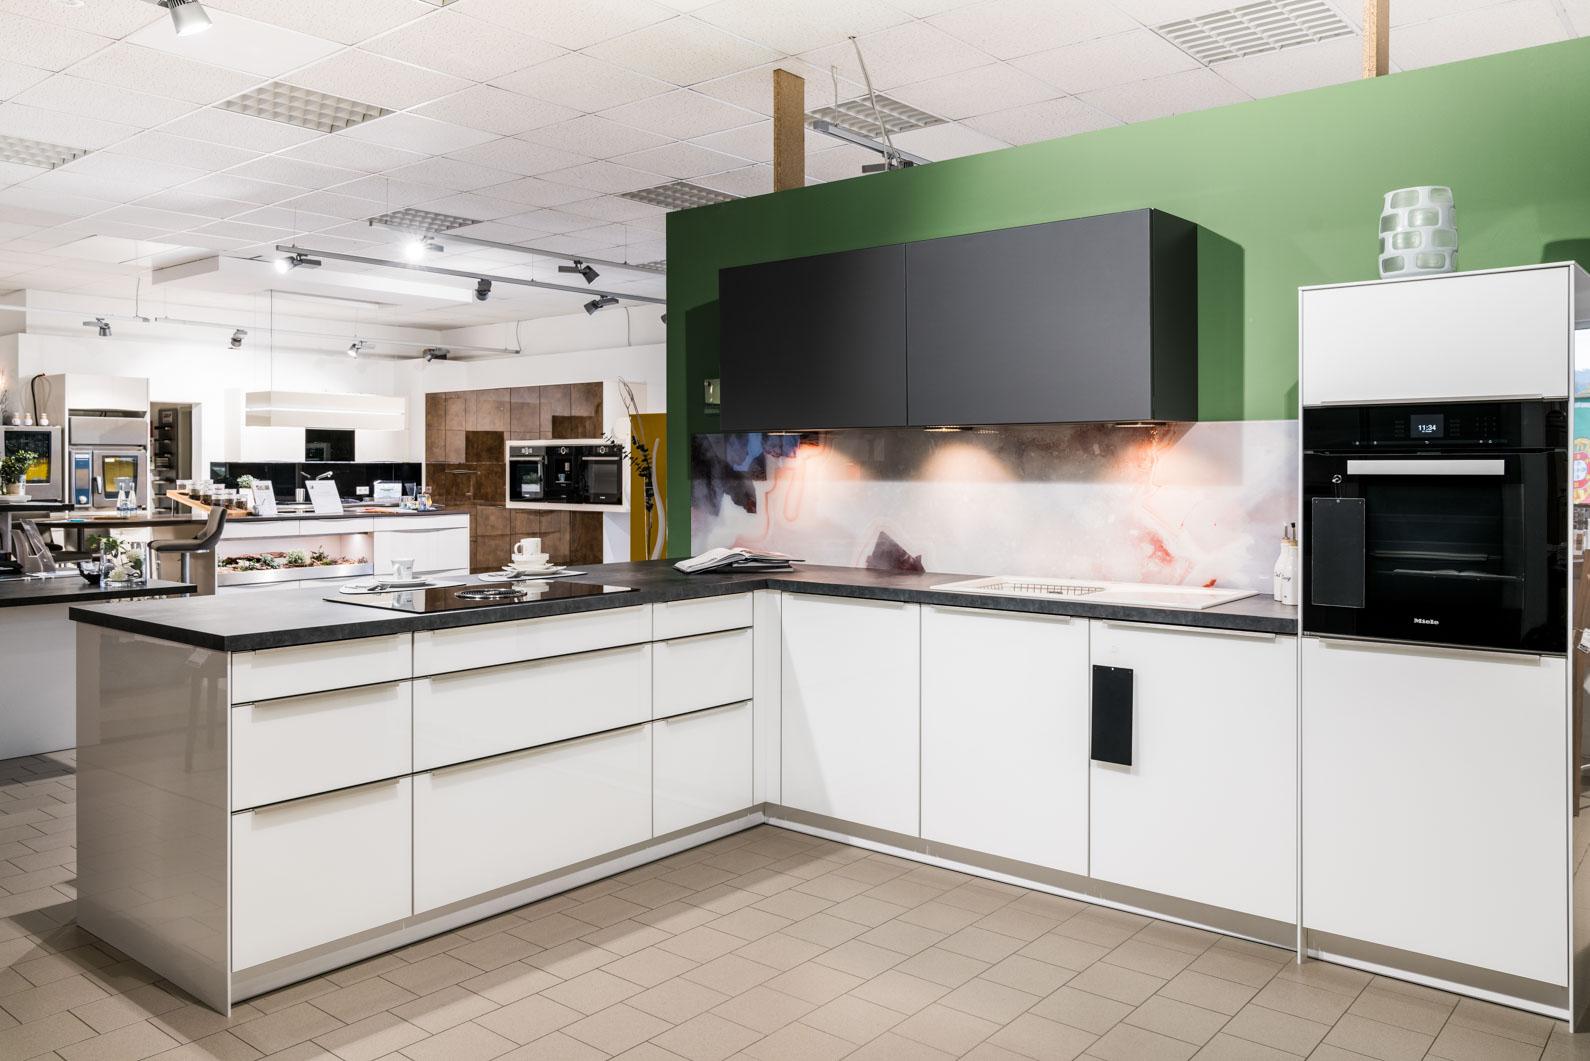 Weisser Küchenstudio Showroom Küche mit weißen Fronten